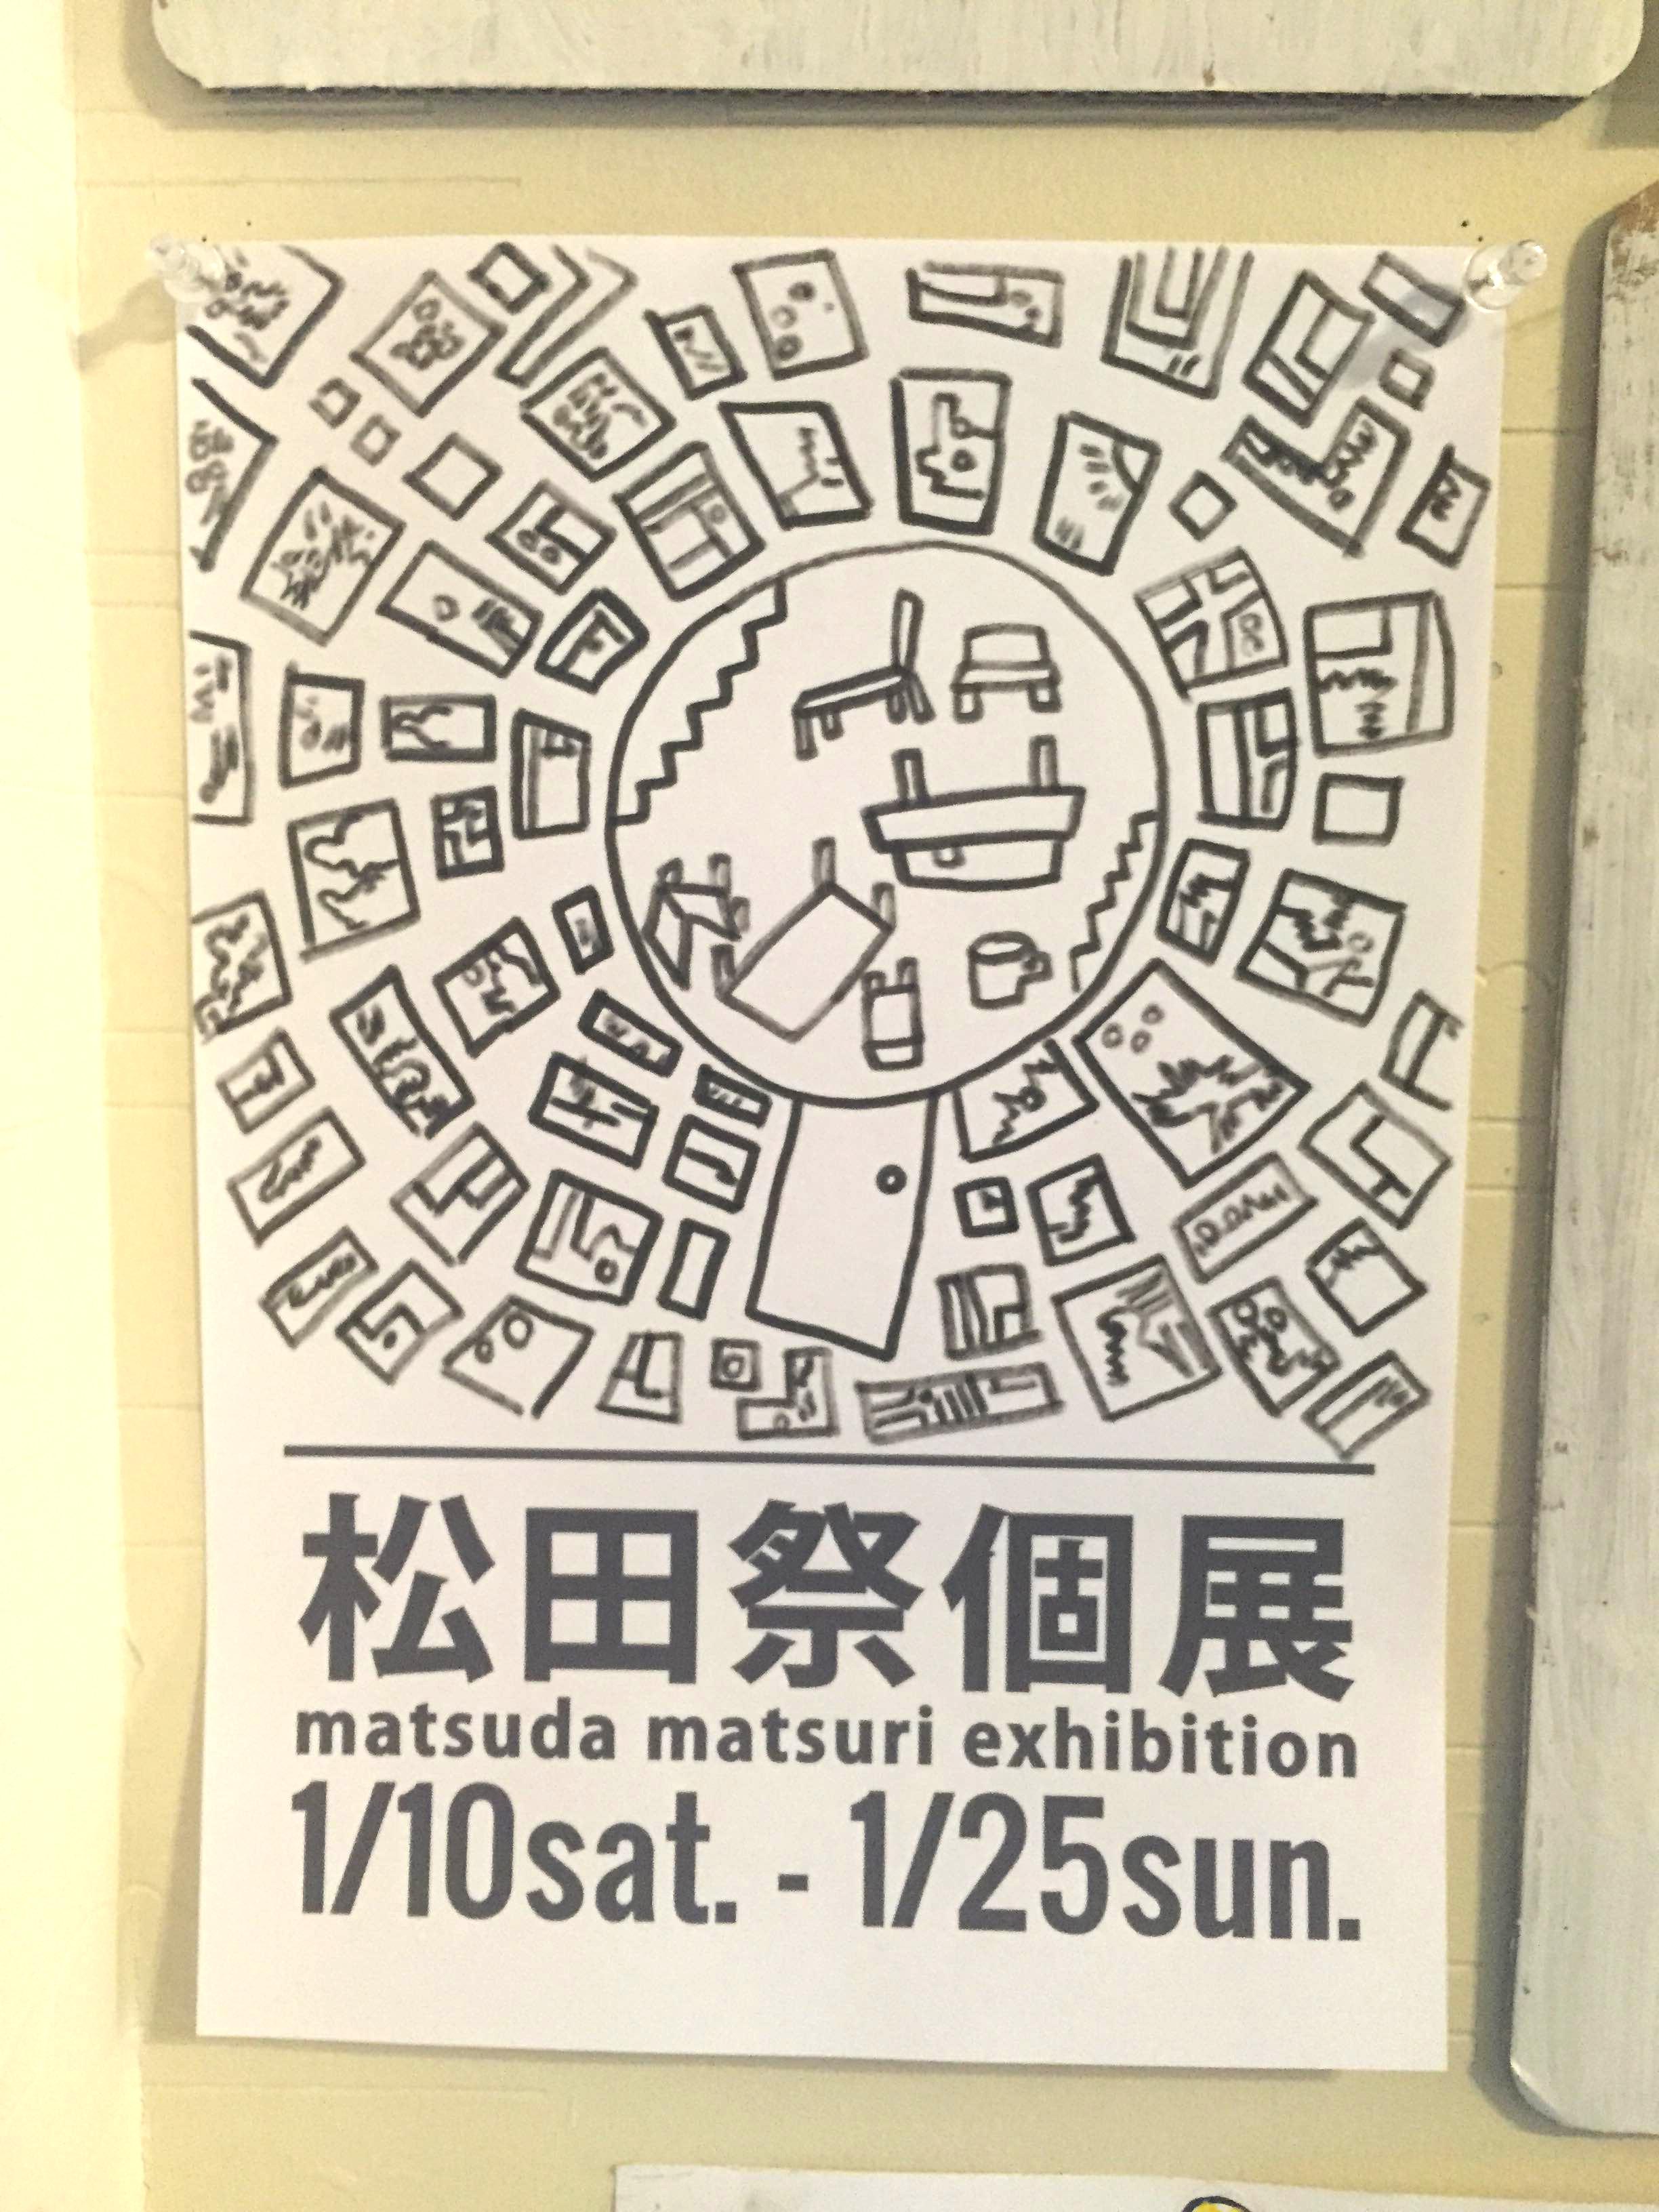 「しおやと、松田祭展」していました